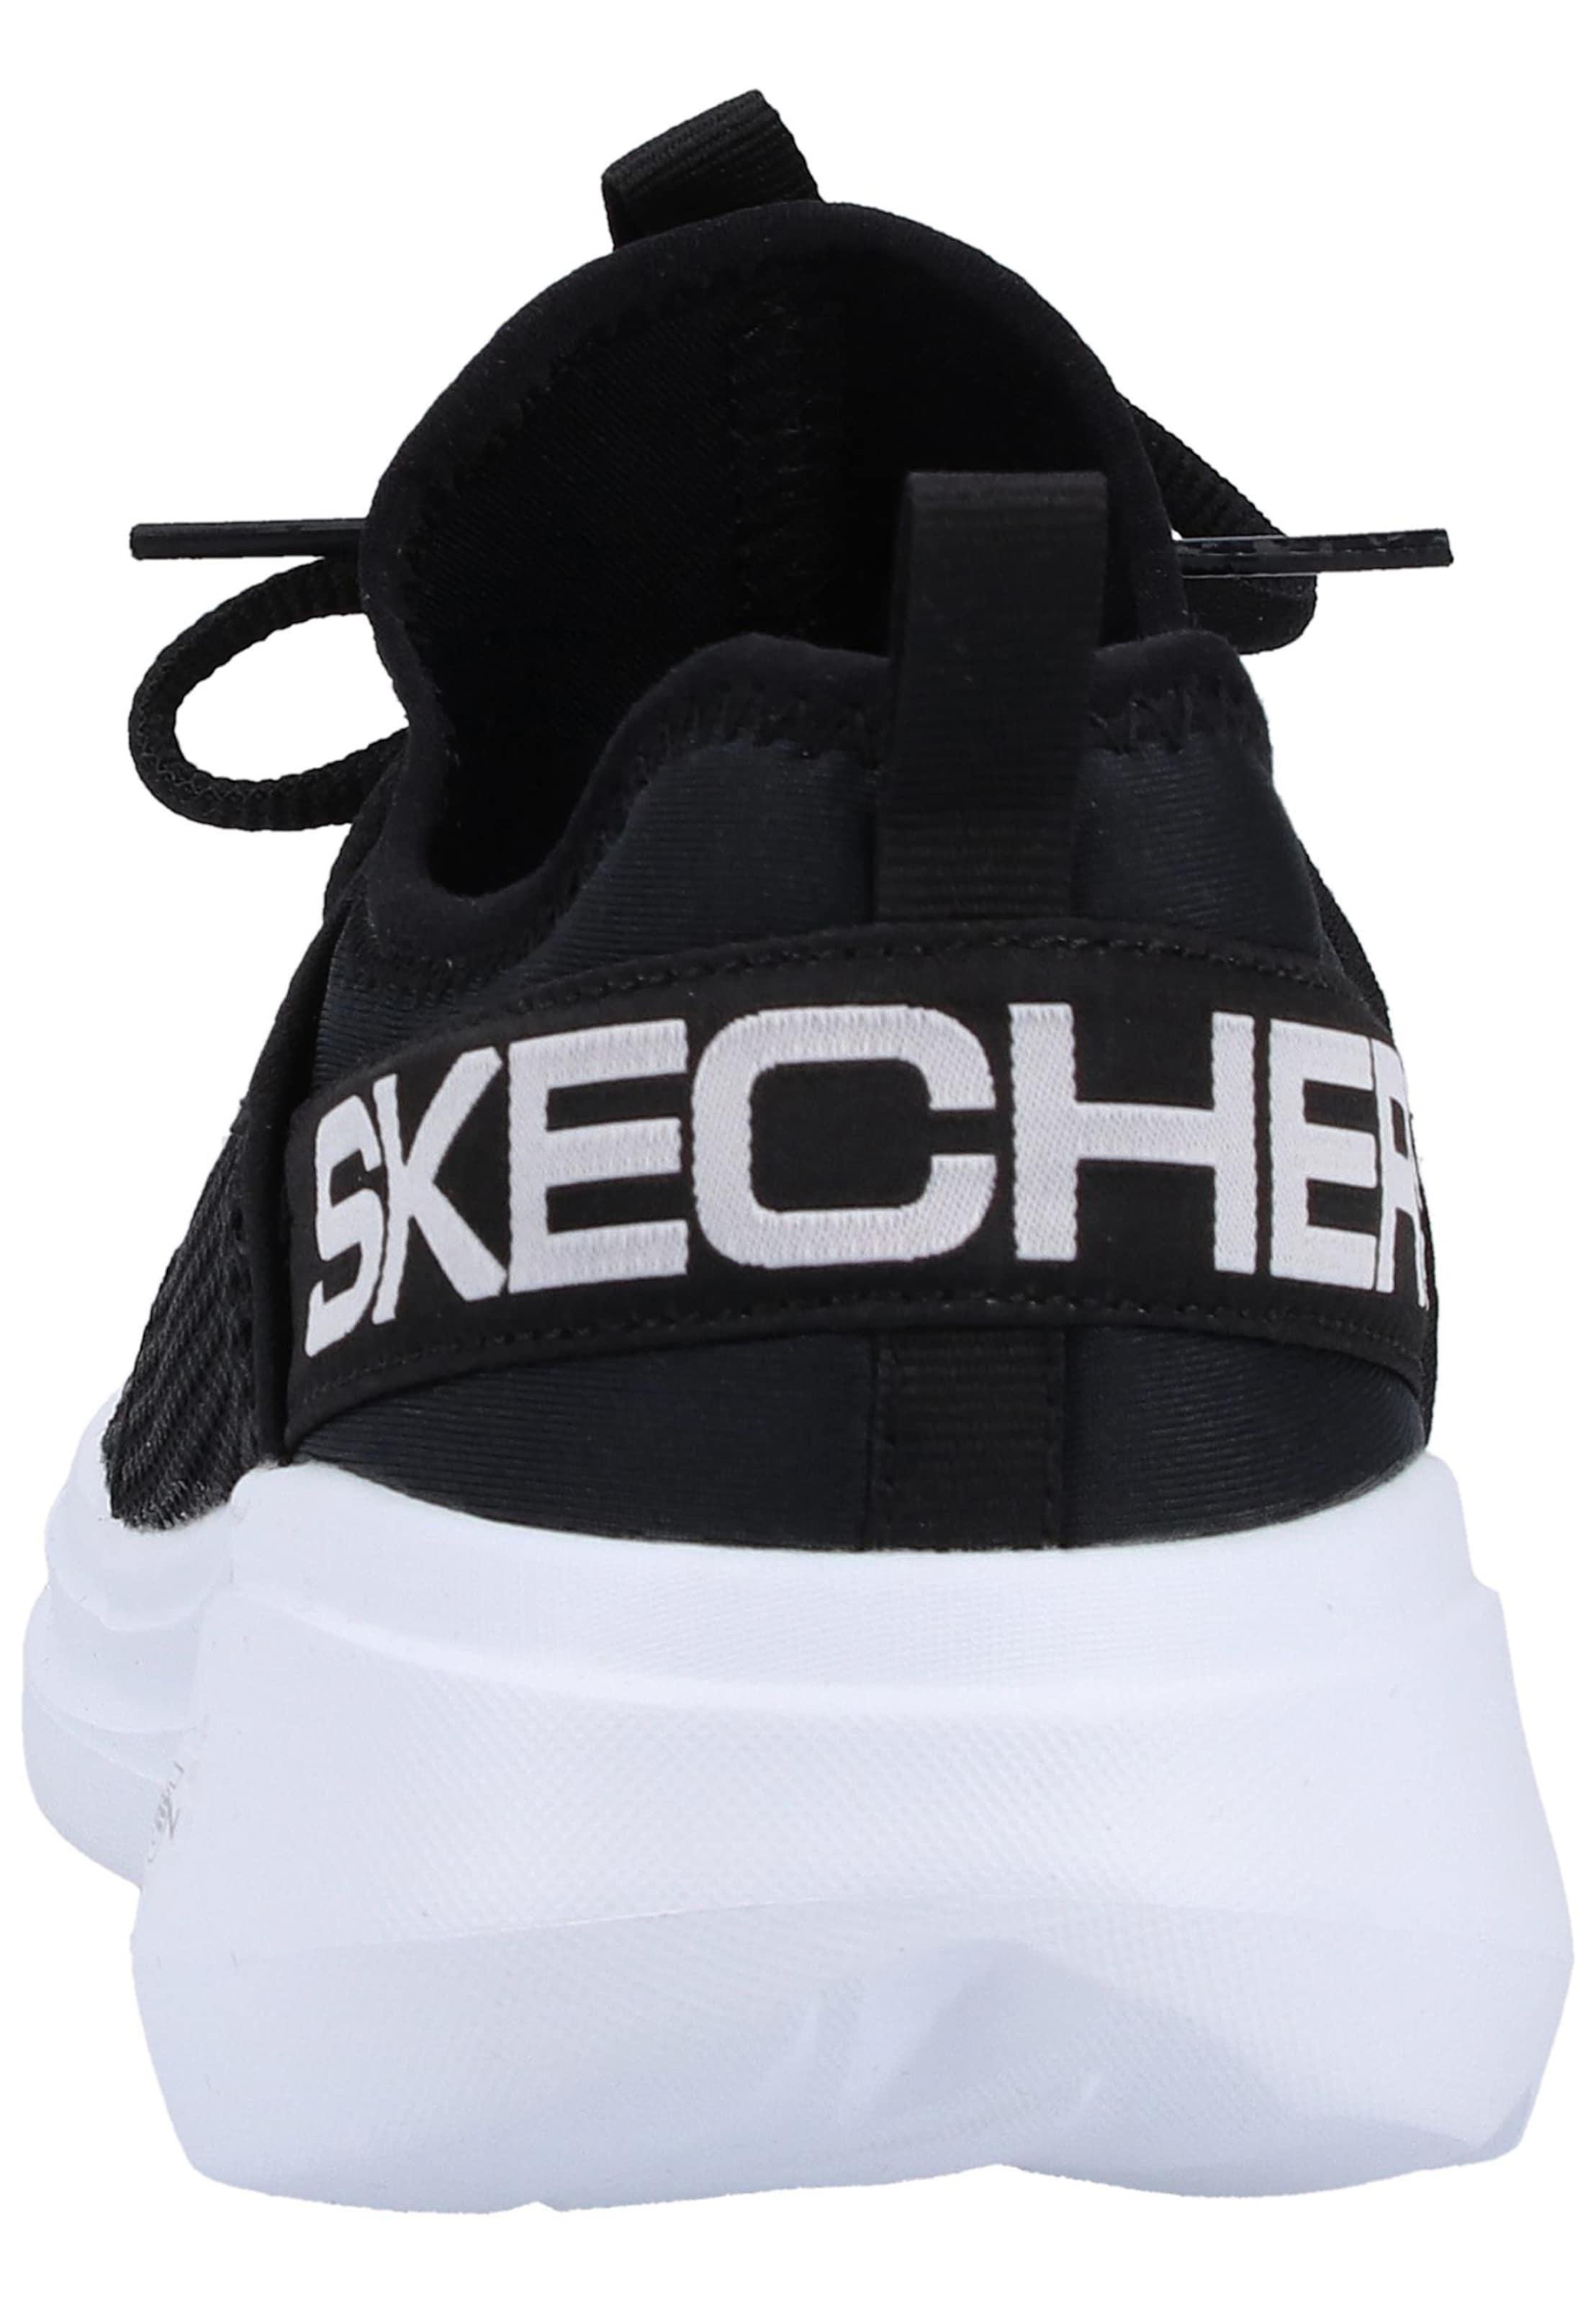 Skechers Basses Basses En En Baskets Noir Skechers Baskets A4RjL5